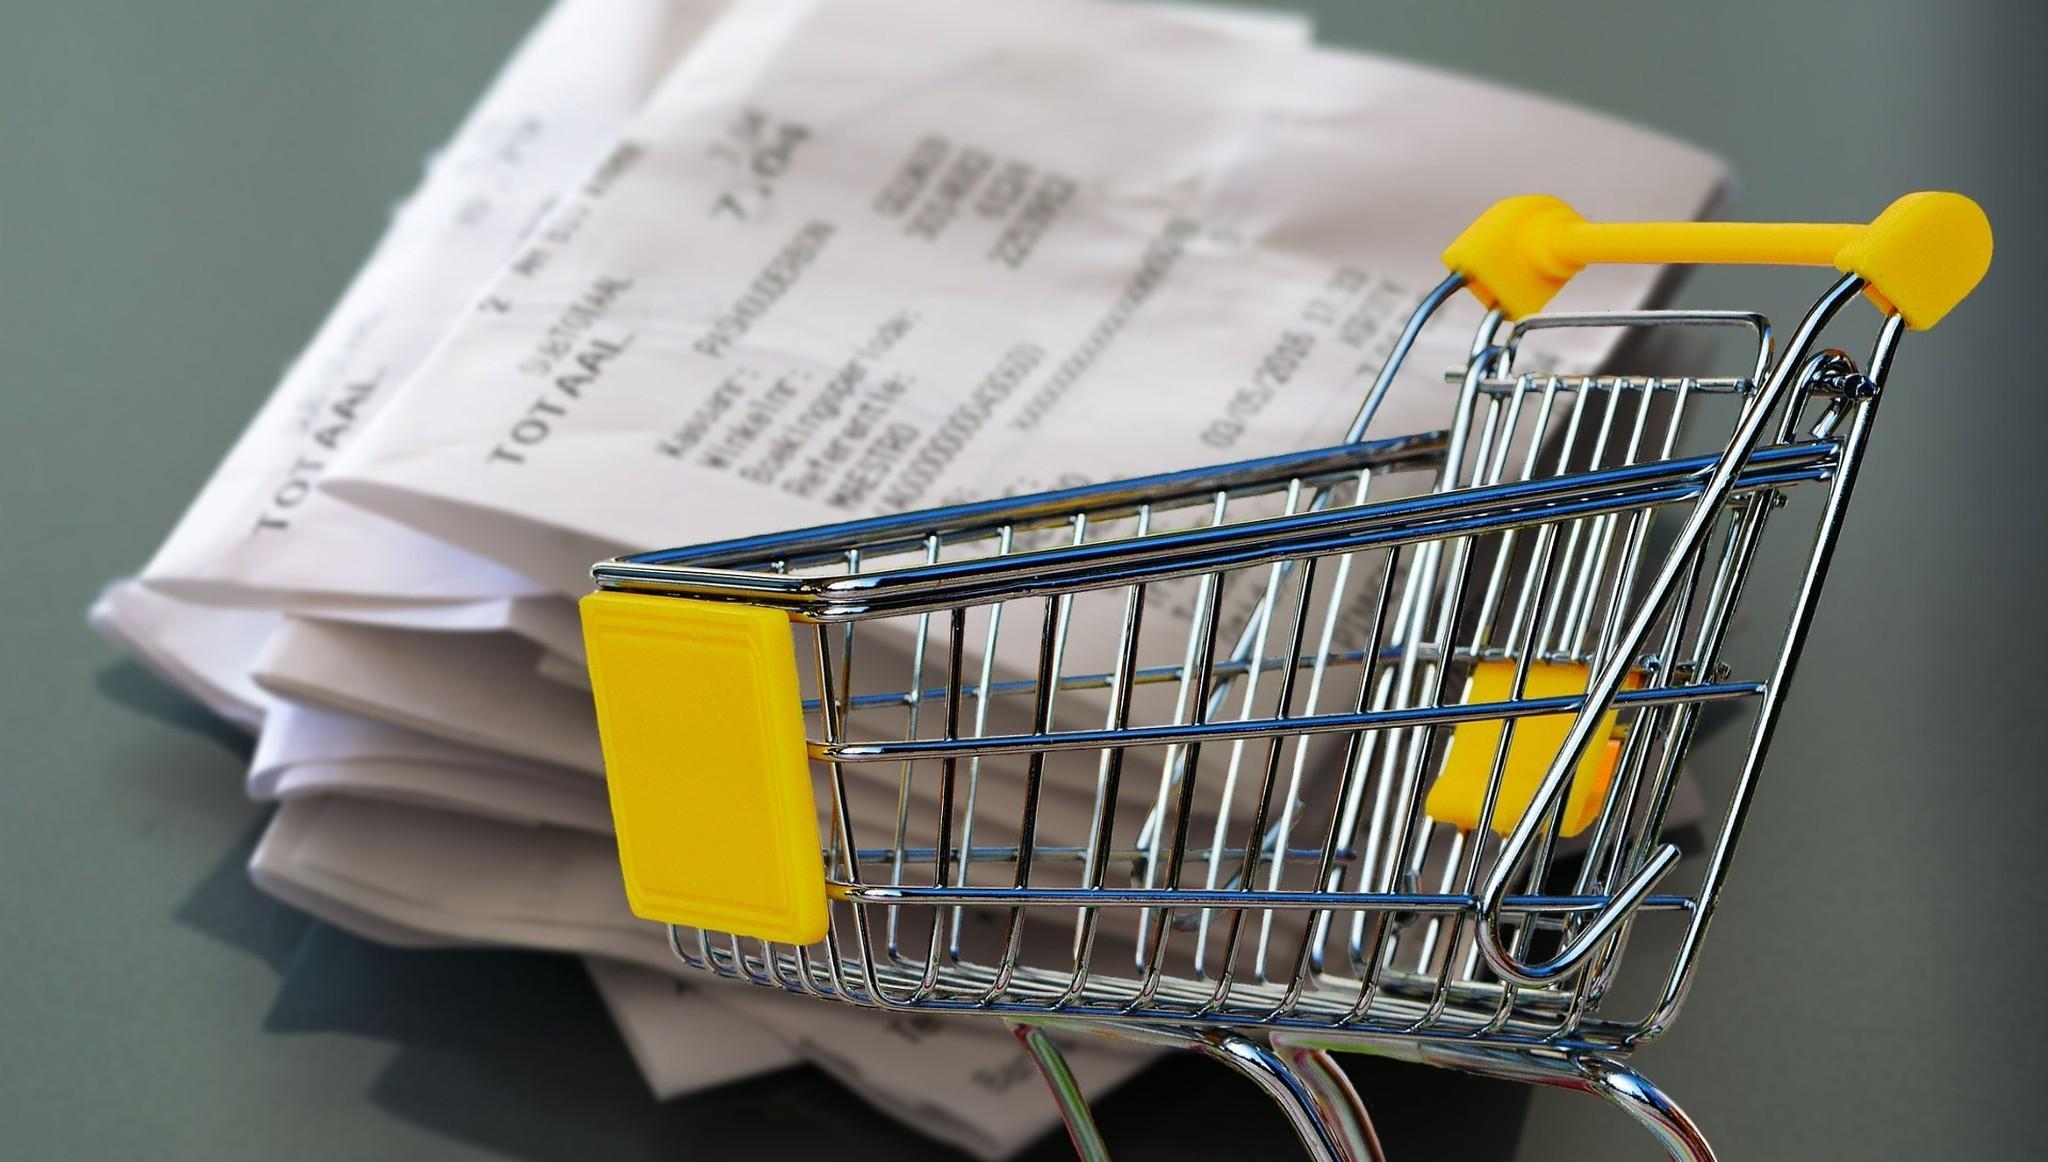 Как обманывают на кассе в супермаркете, рассказали россиянам - новости Афанасий